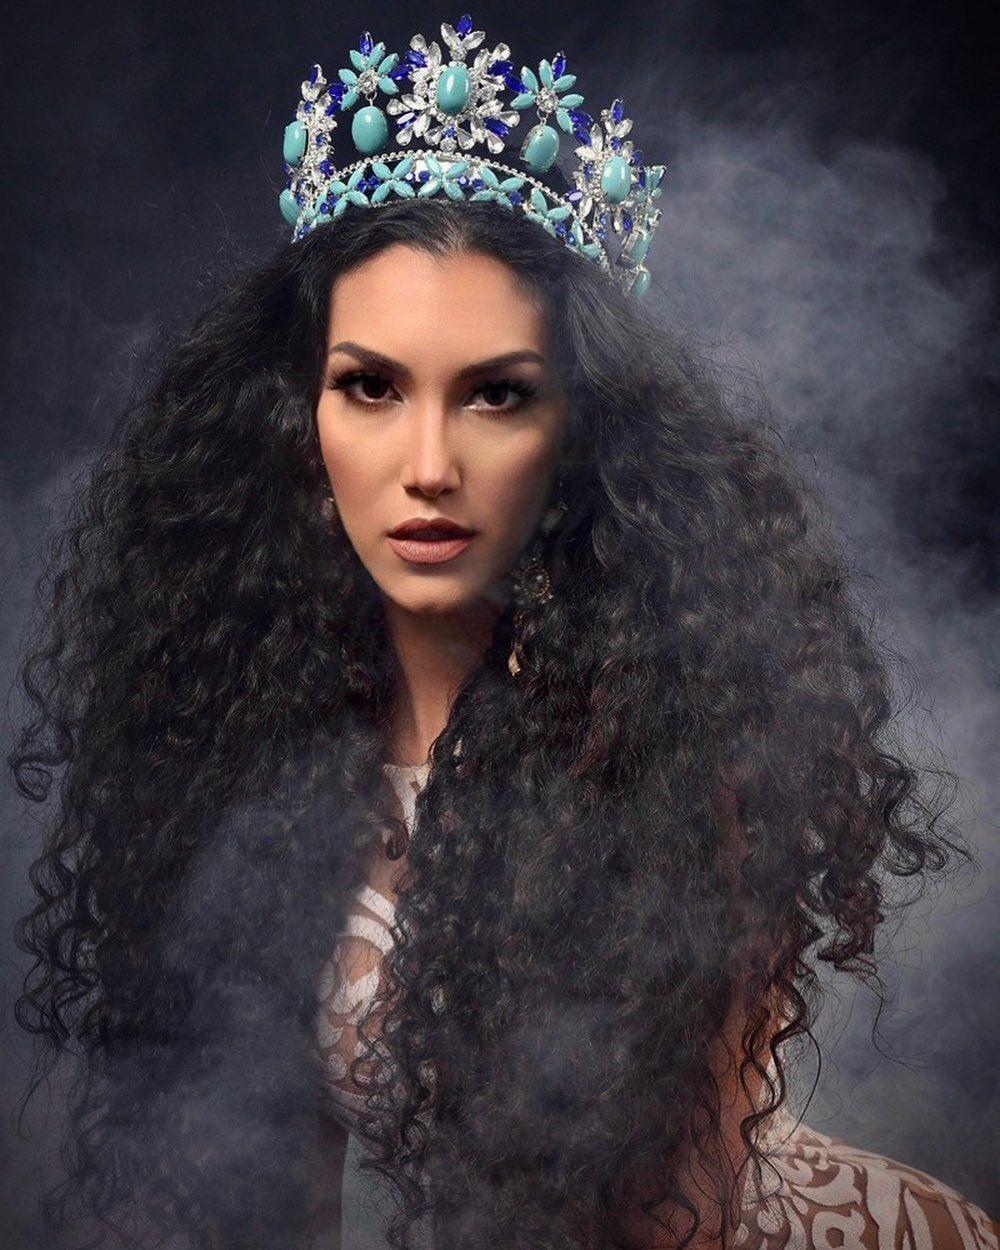 georgina vargas, candidata a miss mexico 2020, representando coahuila. 97099810